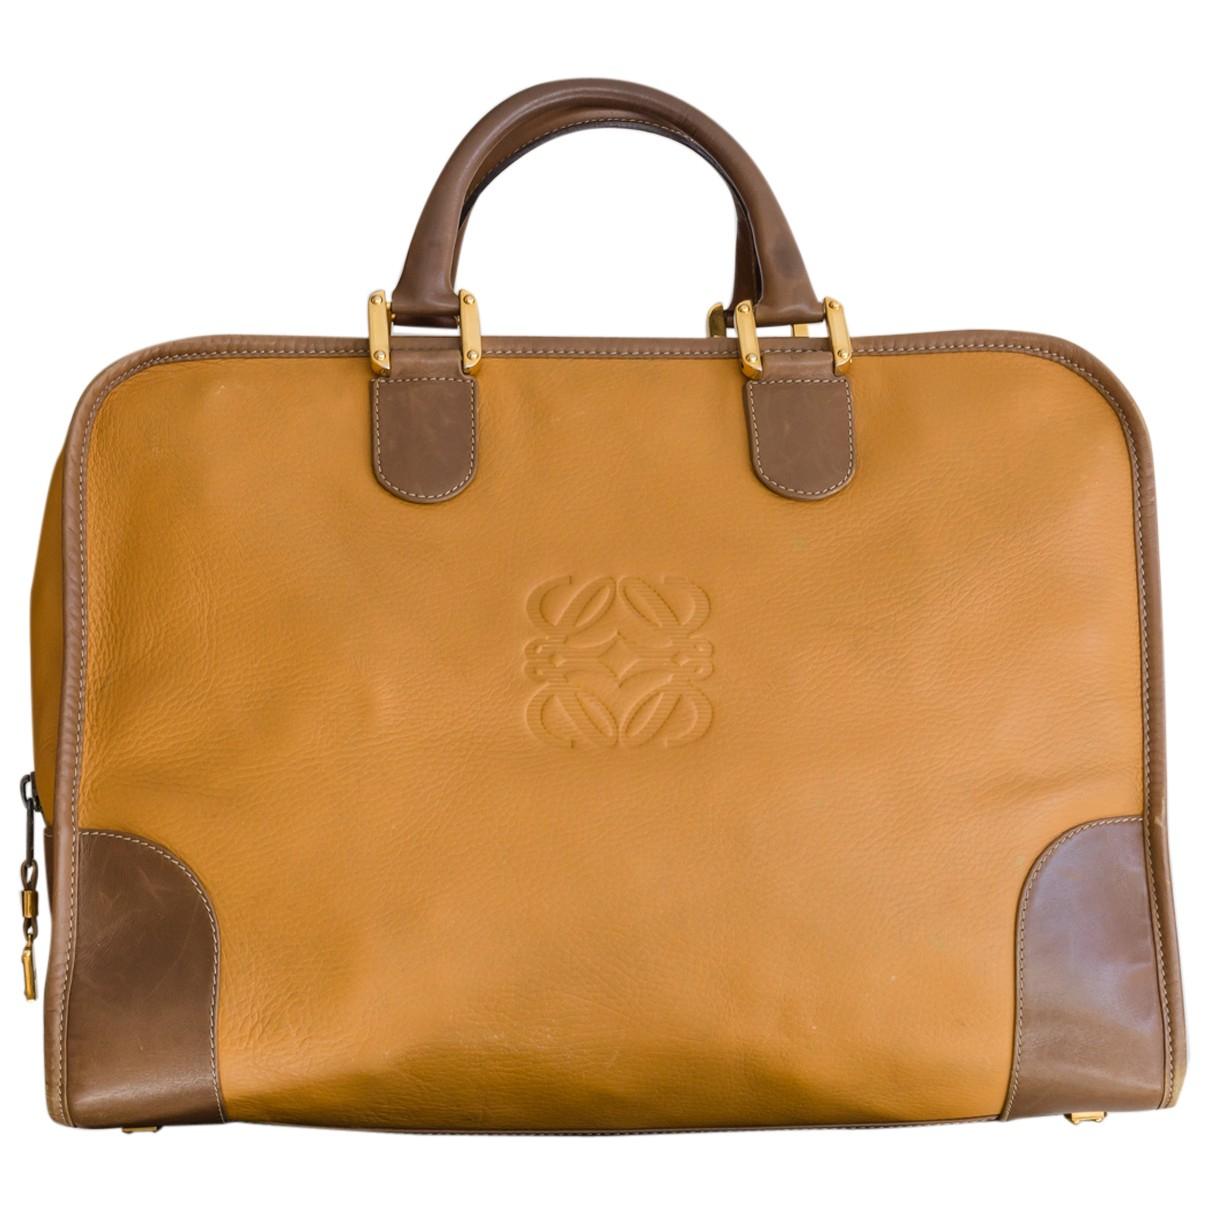 Loewe Amazona Handtasche in  Bunt Leder